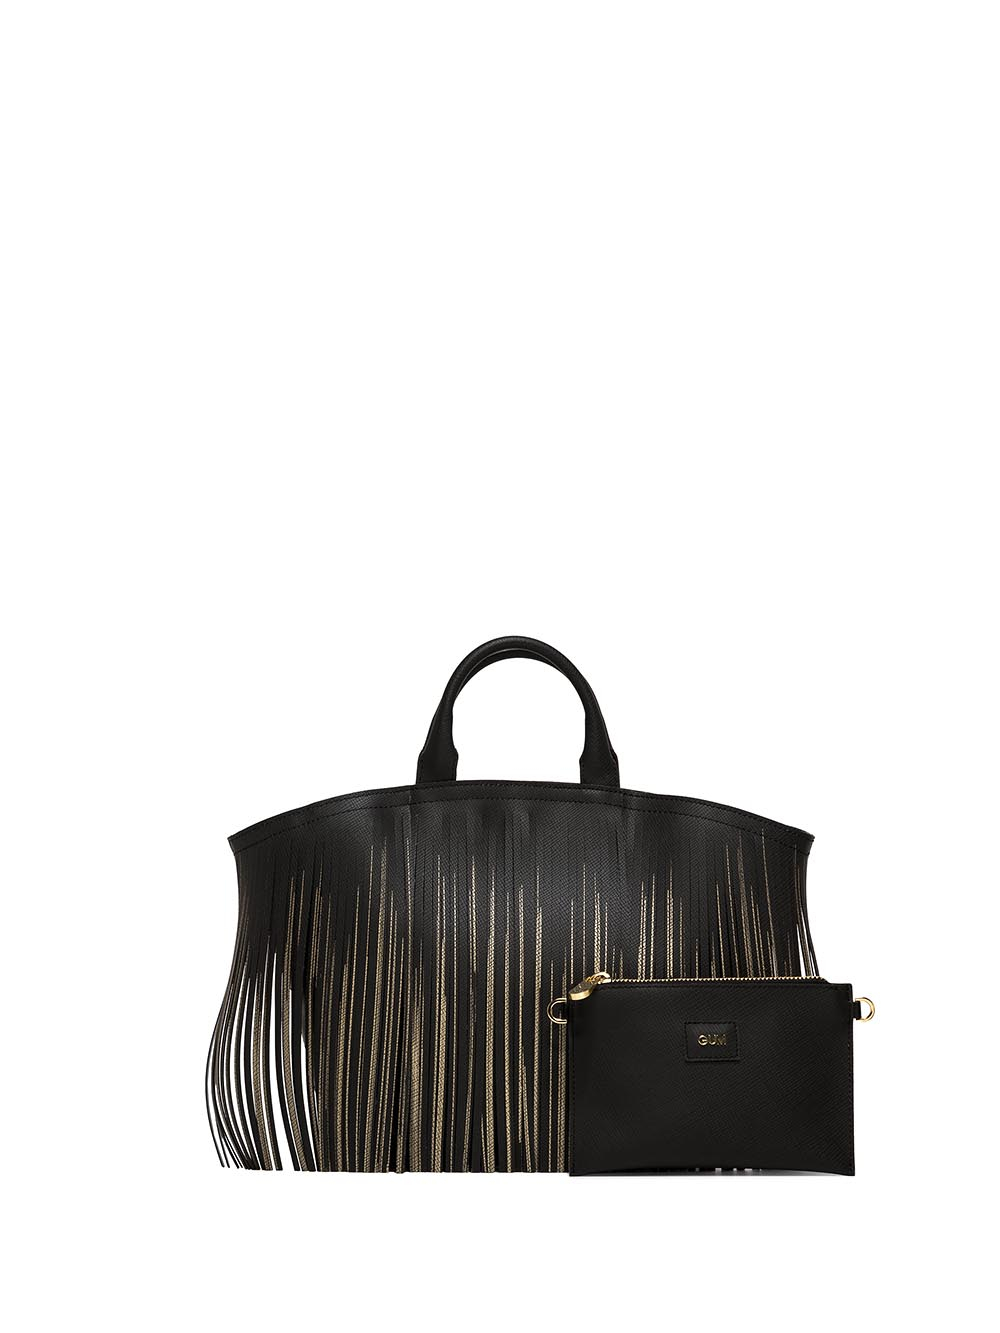 Balayage Hand Bag - GUM DESIGN